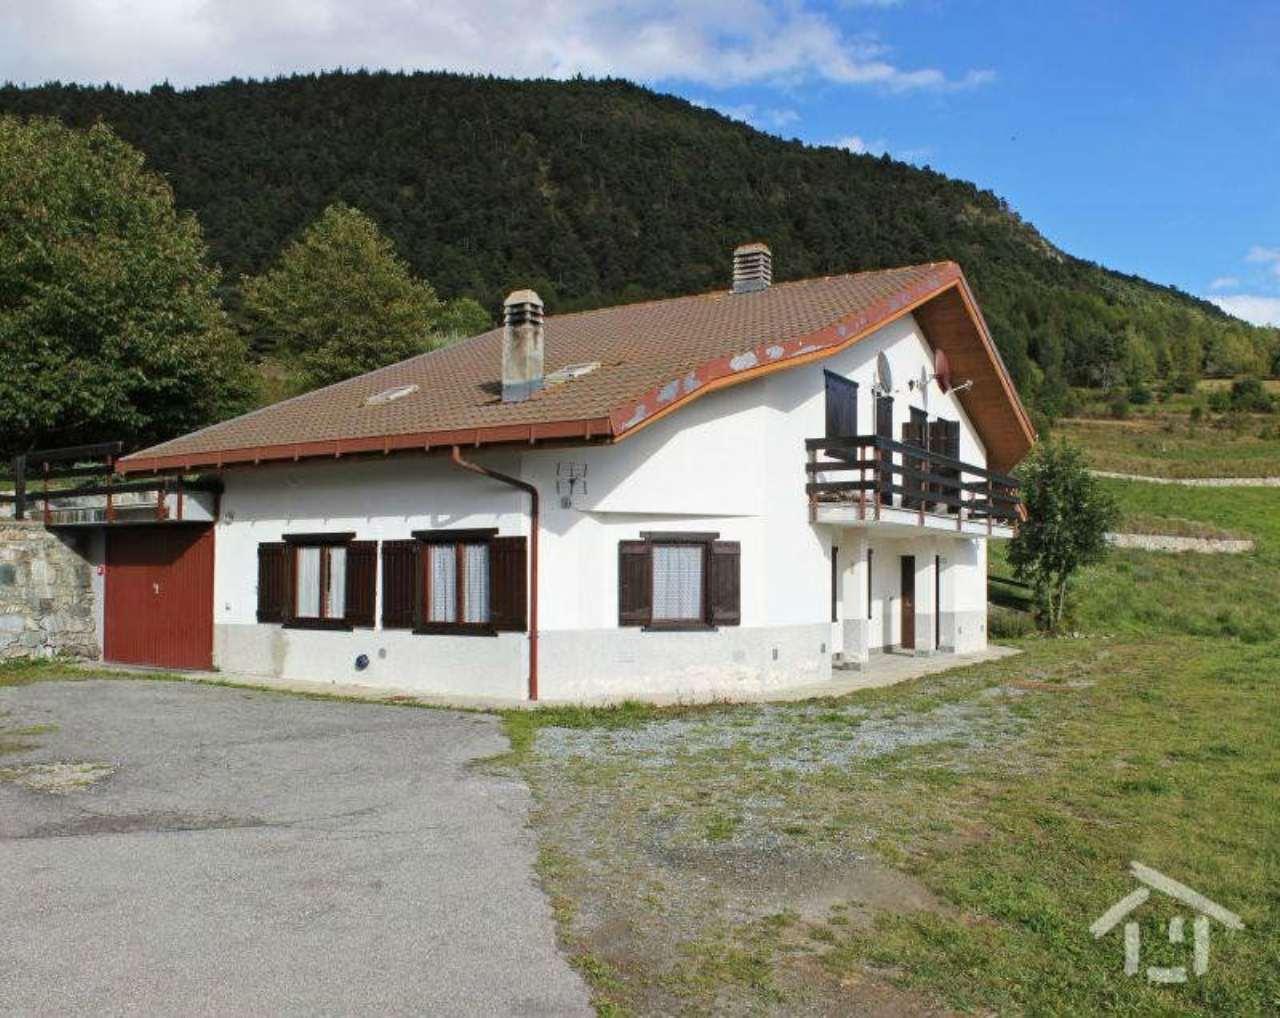 Appartamento in vendita a Saint-Denis, 2 locali, prezzo € 95.000 | Cambio Casa.it